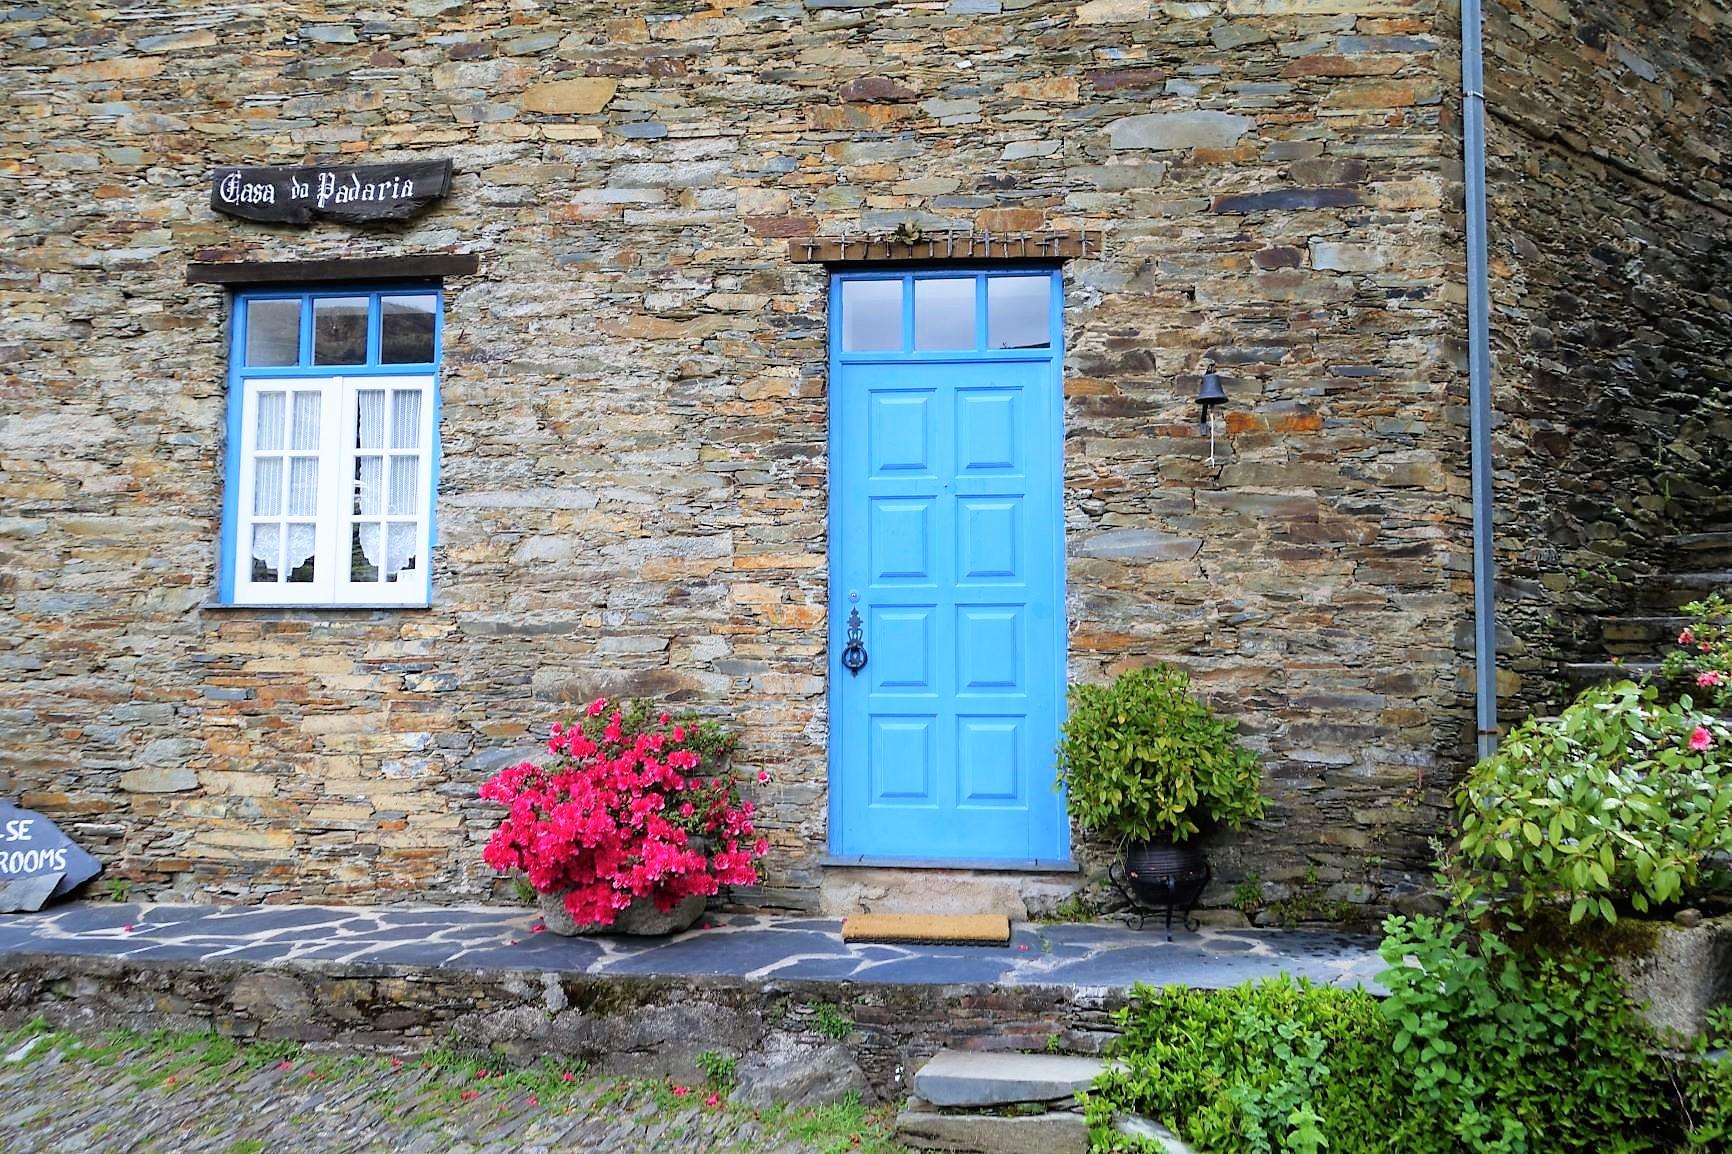 扉や窓枠はすべて青で統一